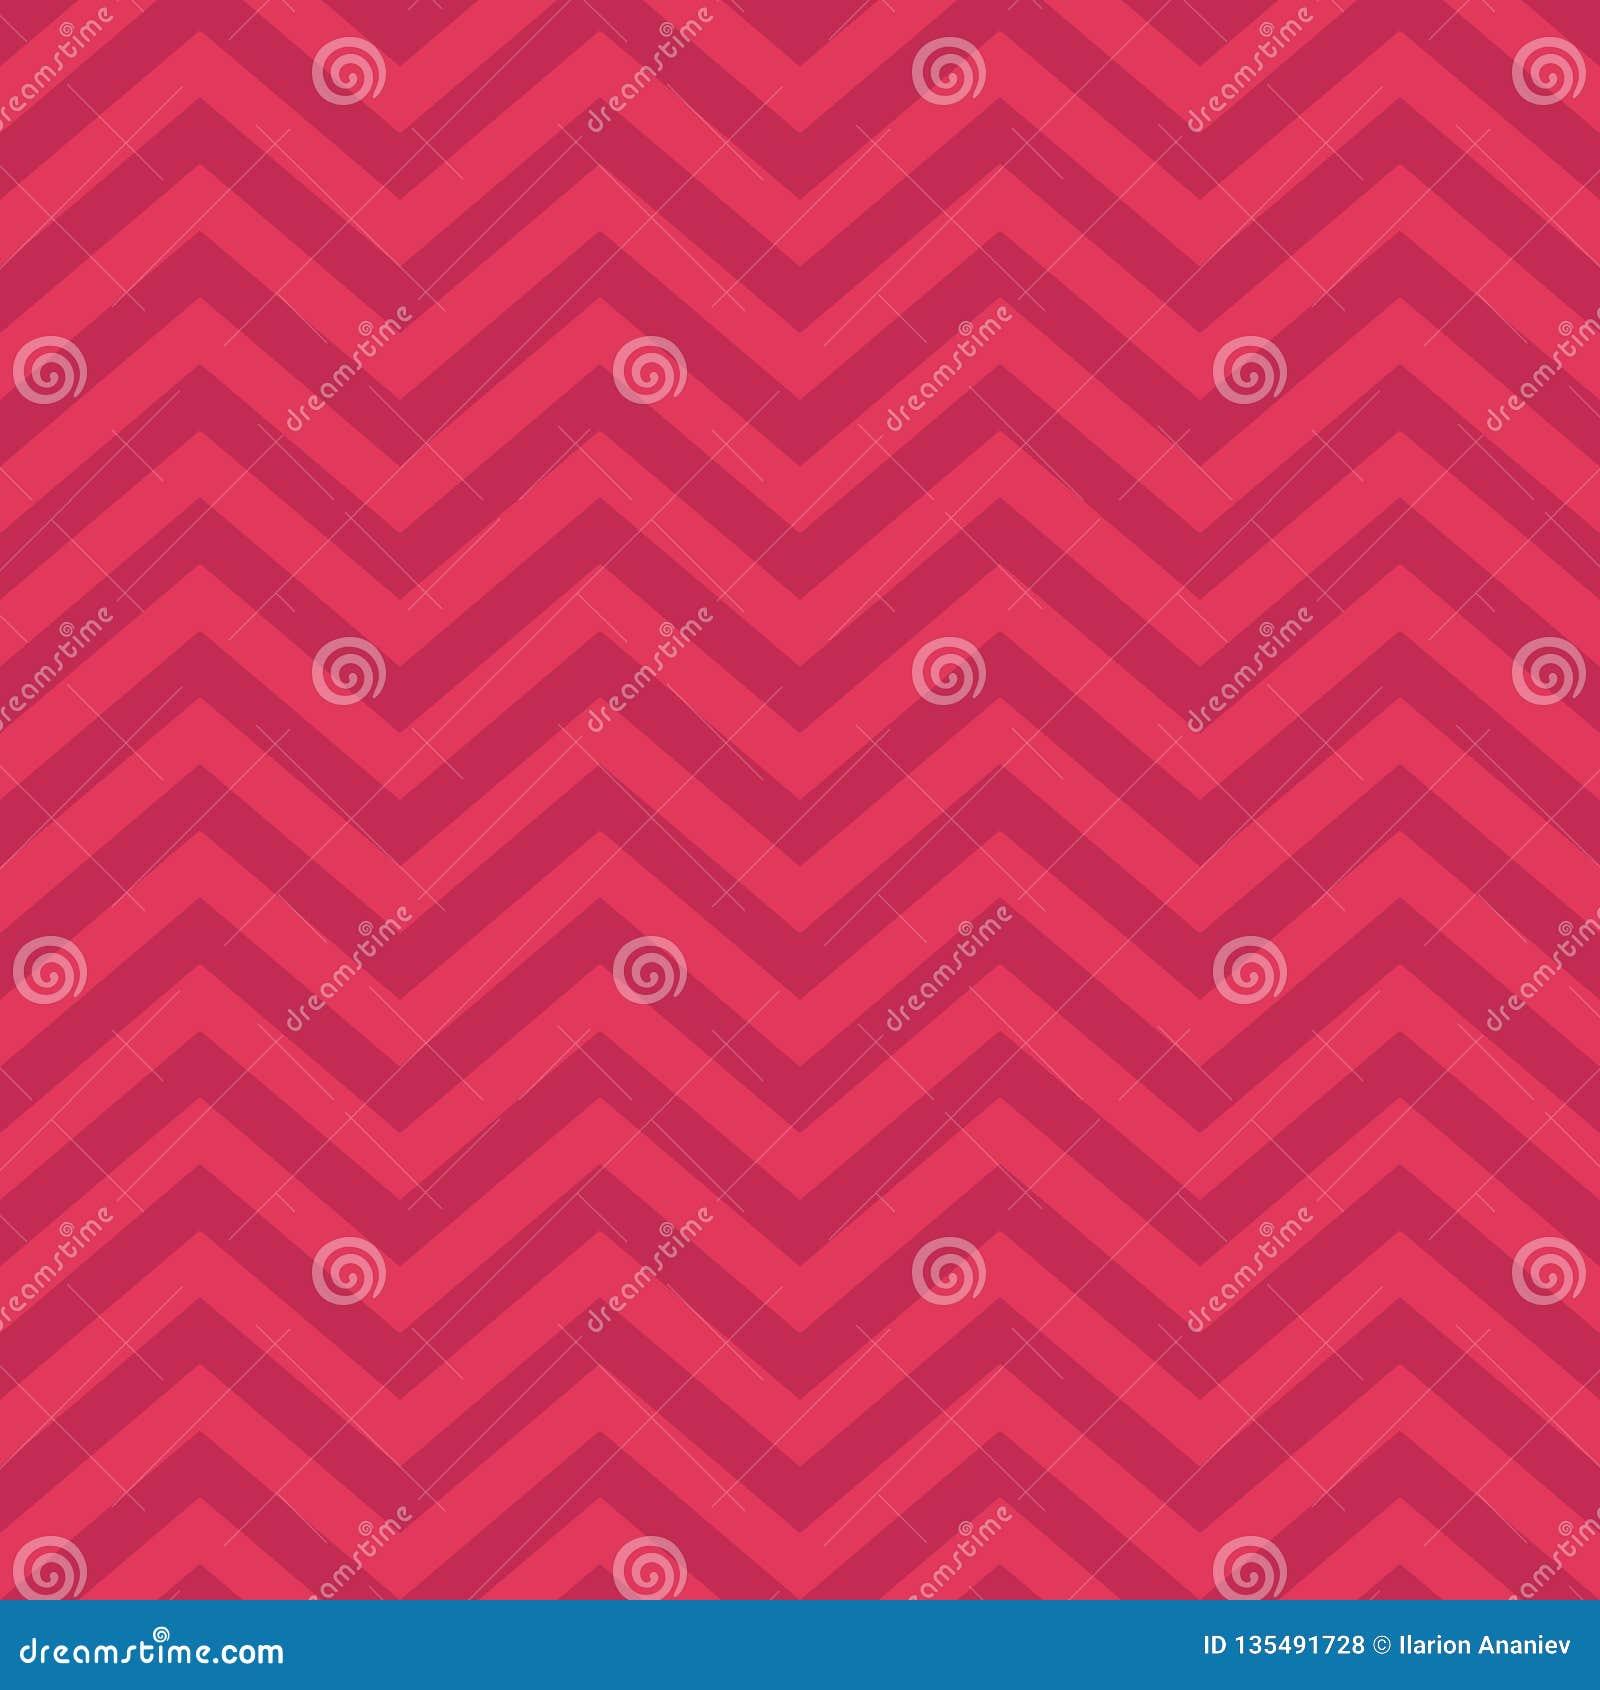 Valentine Day Pink Geometric Seamless bakgrund, modell, textur för att rappa papper, kort, inbjudan, baner och decorati